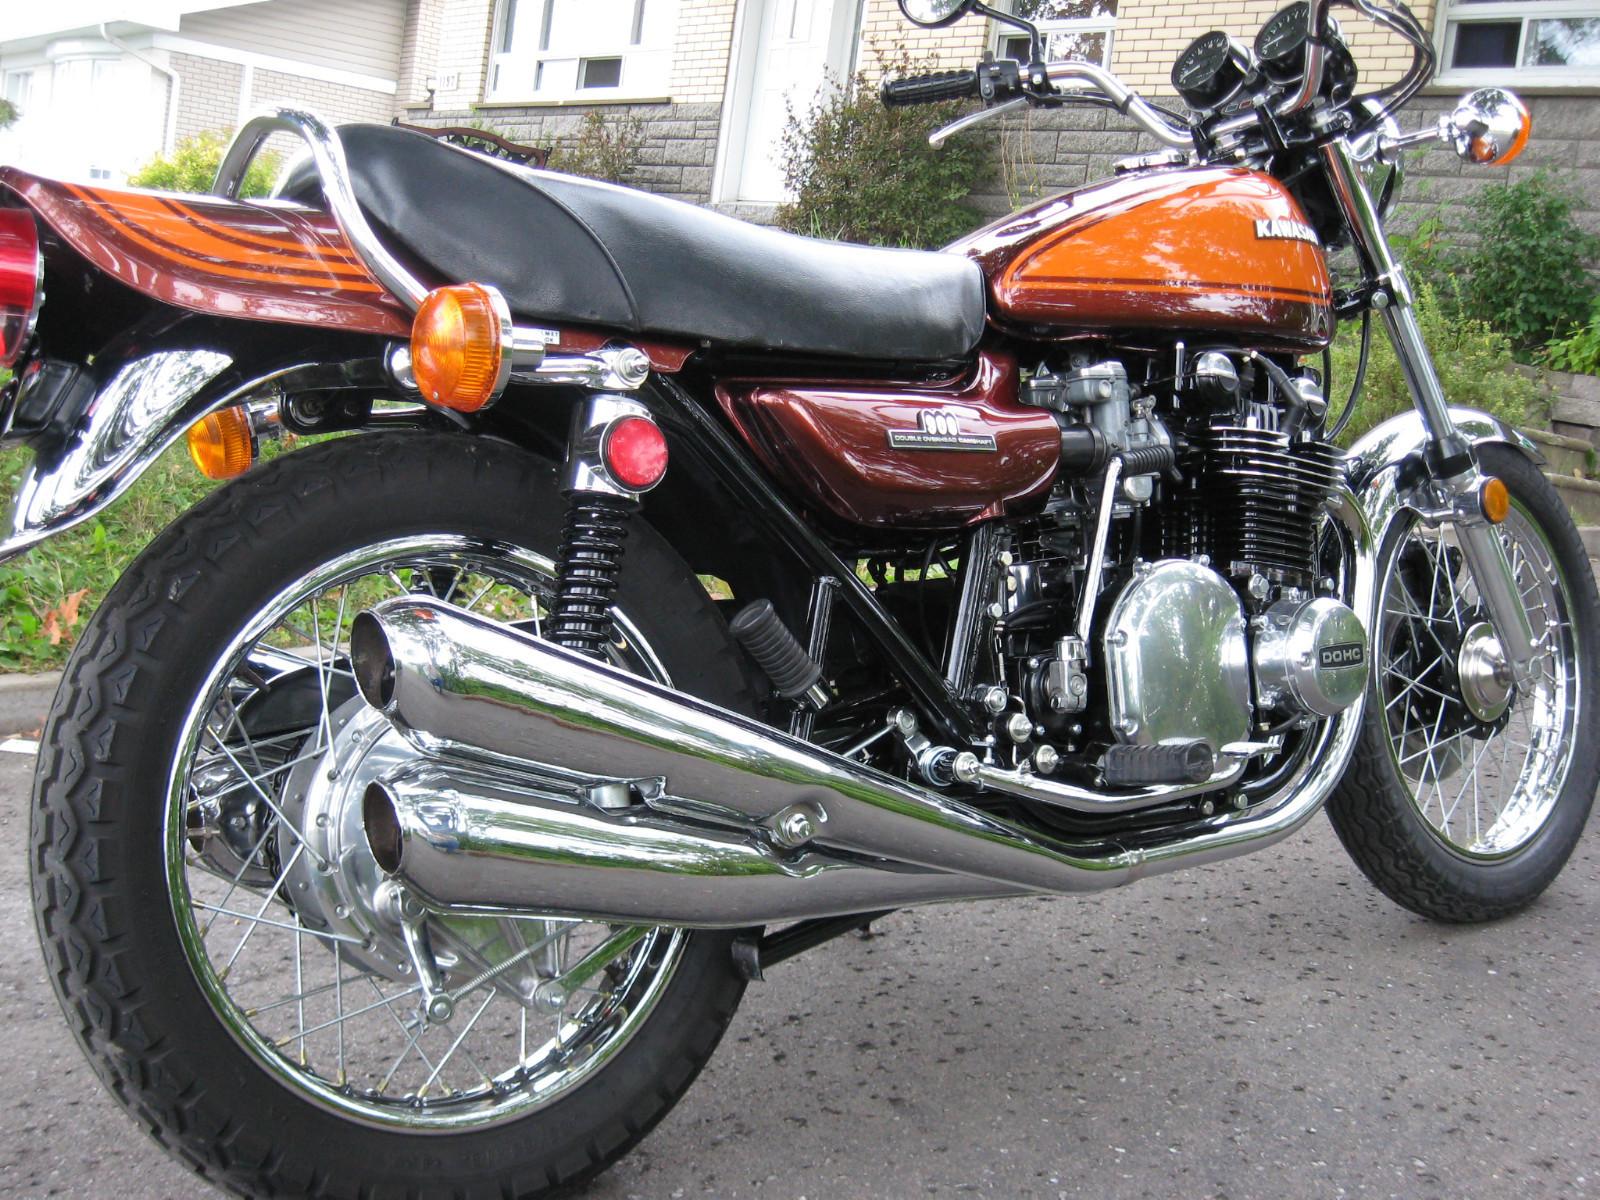 Restored Kawasakiz1 1973 13 Photographs At Classic Bikes